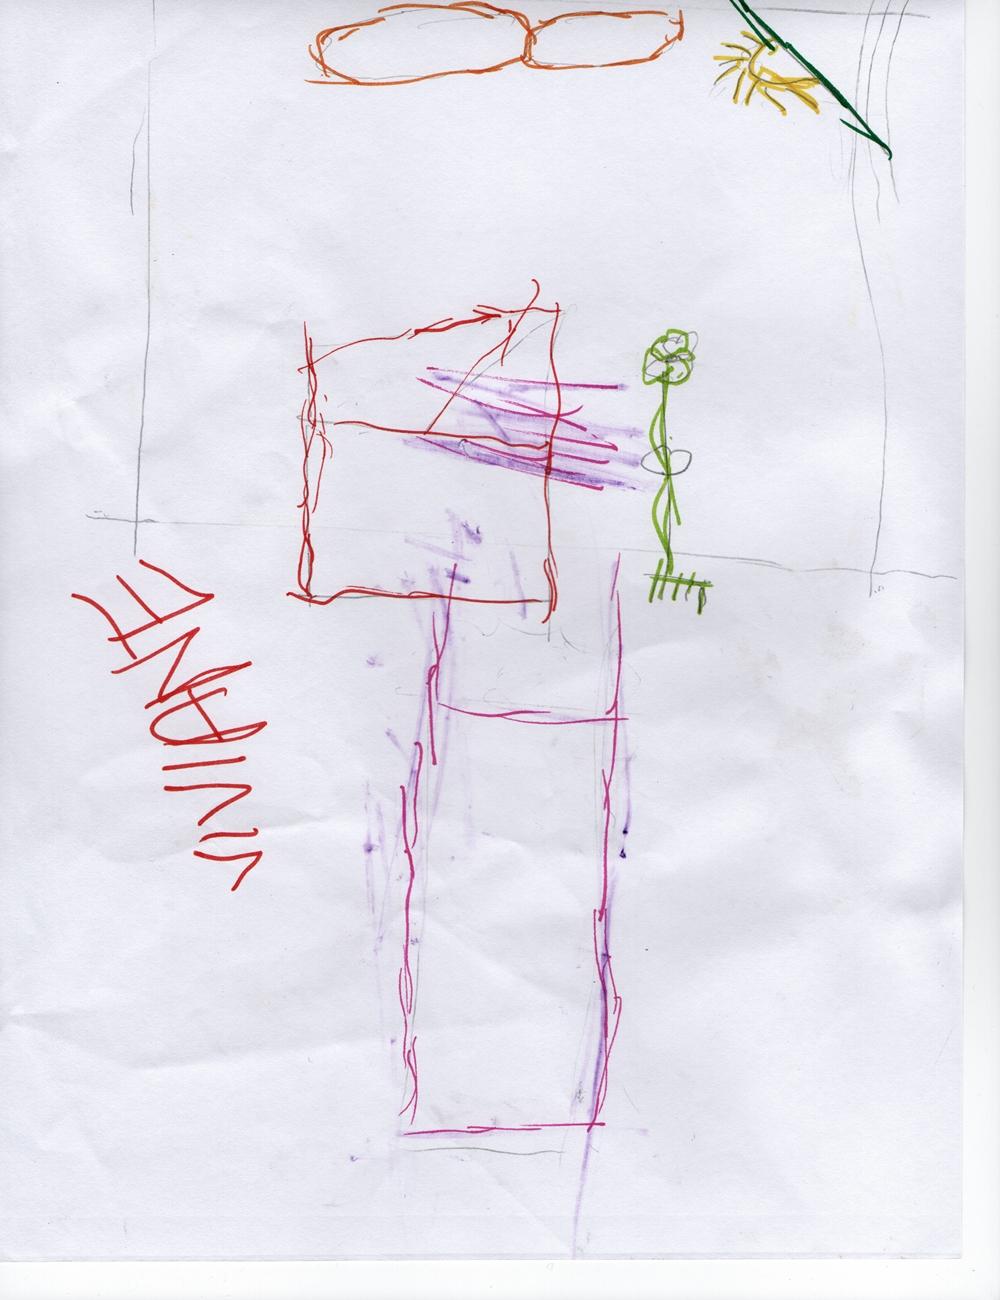 desenho 4.jpg